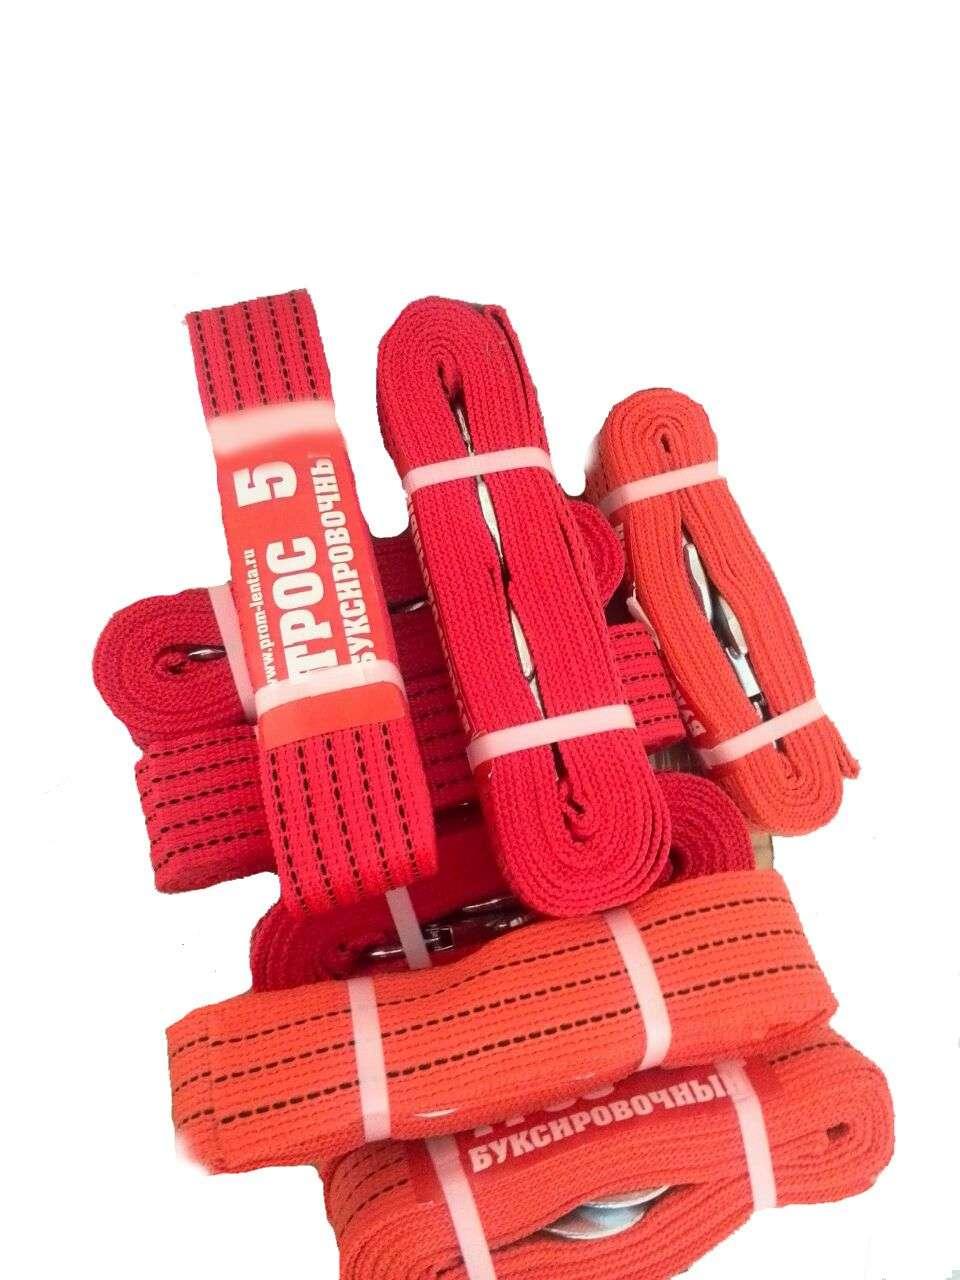 Трос буксировочный 6,0 тонн с крюками 50 мм Материал: ПОЛИЭСТЕР